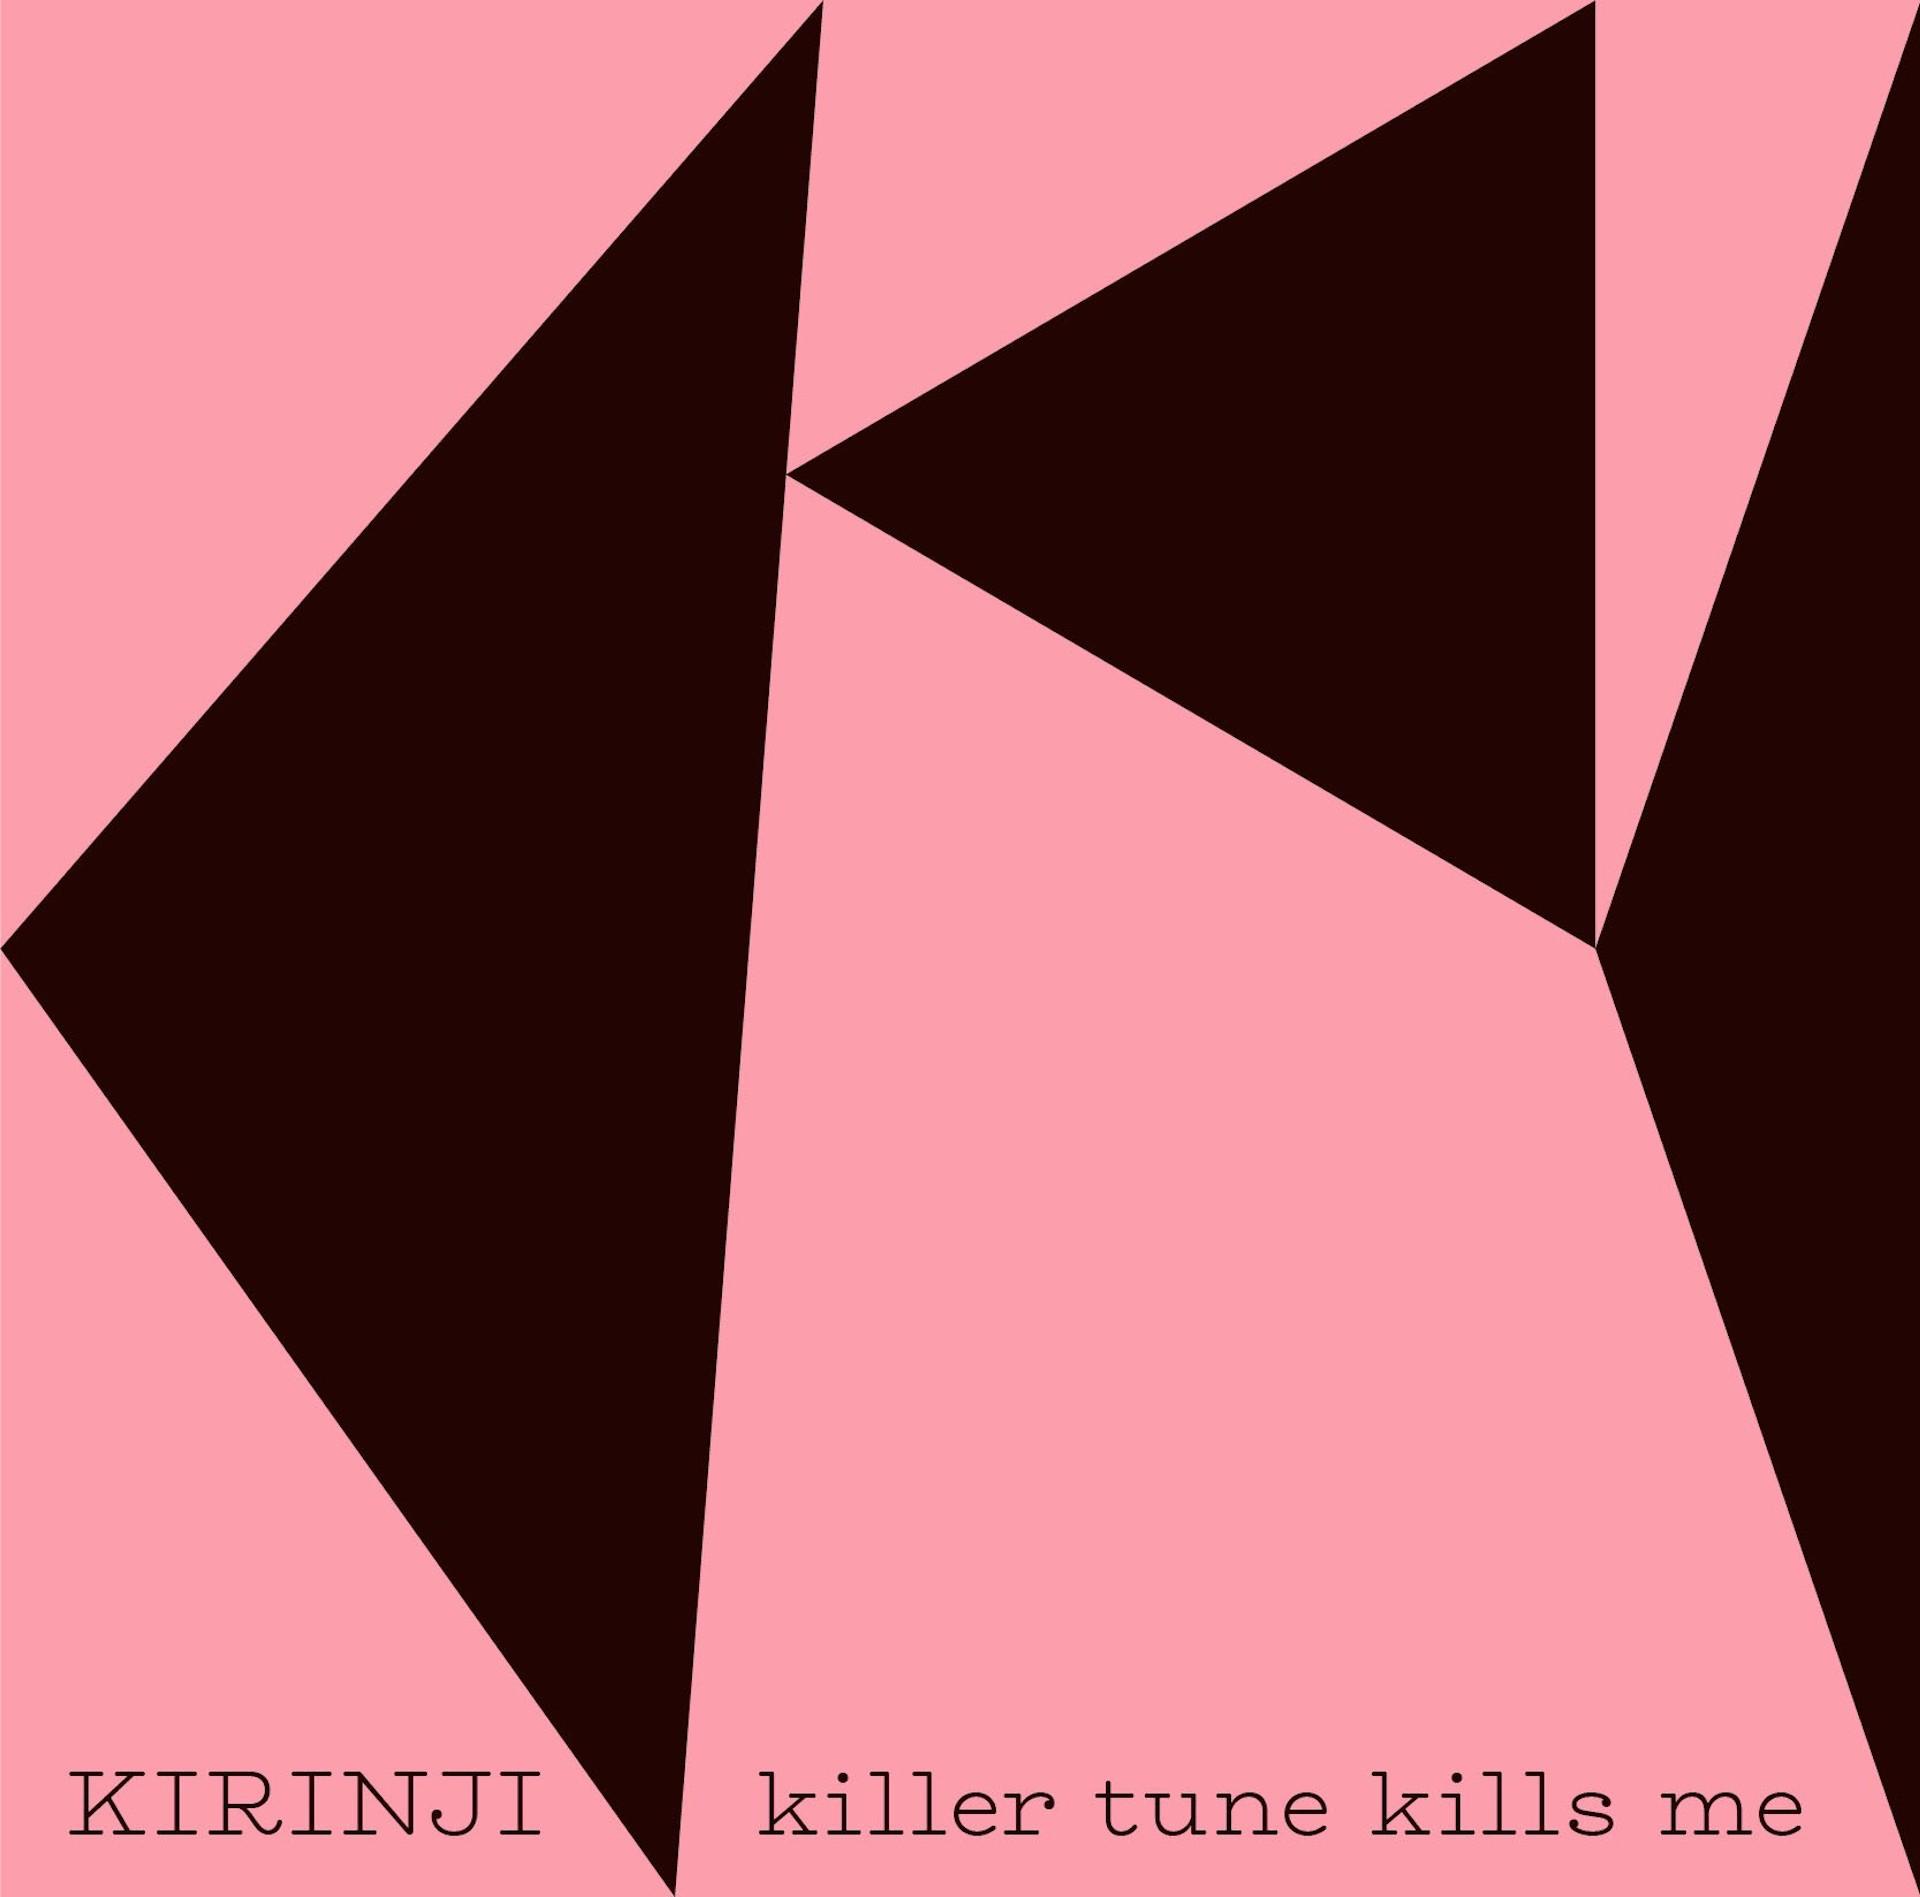 堀込高樹、弓木英梨乃(KIRINJI) × YonYon 対談|コラボ曲「killer tune kills me」の制作風景について語る UCCJ2166